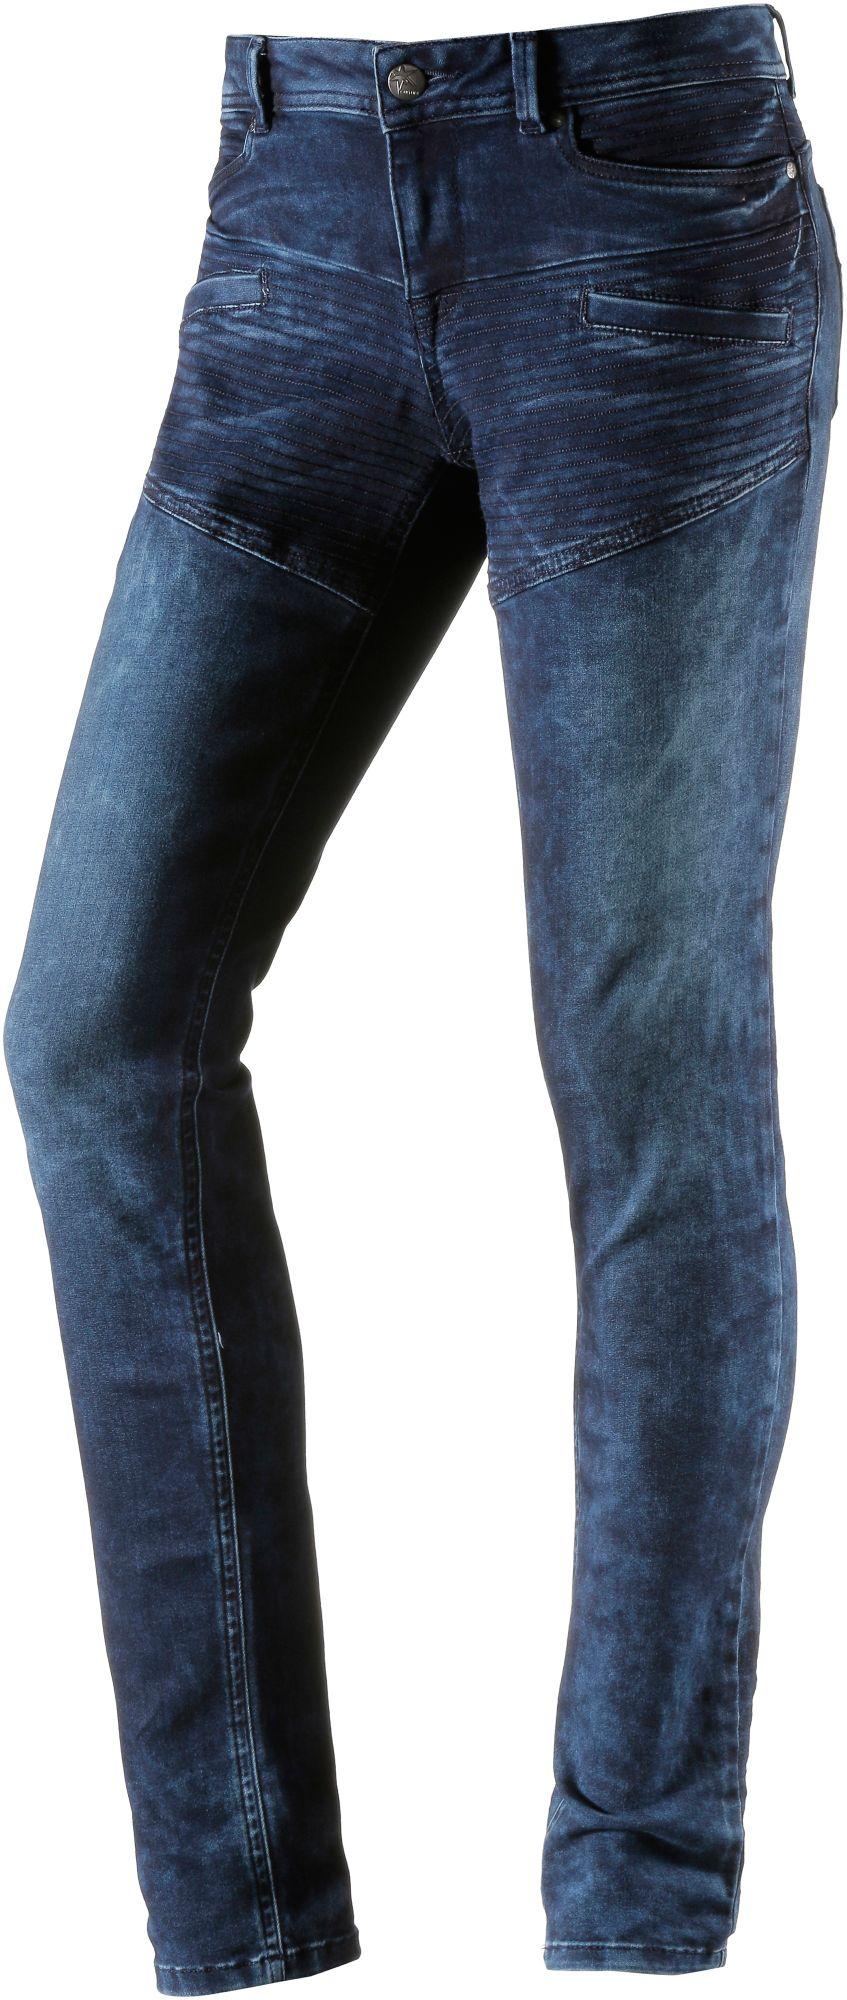 Bild Culture Slim Fit Jeans Damen